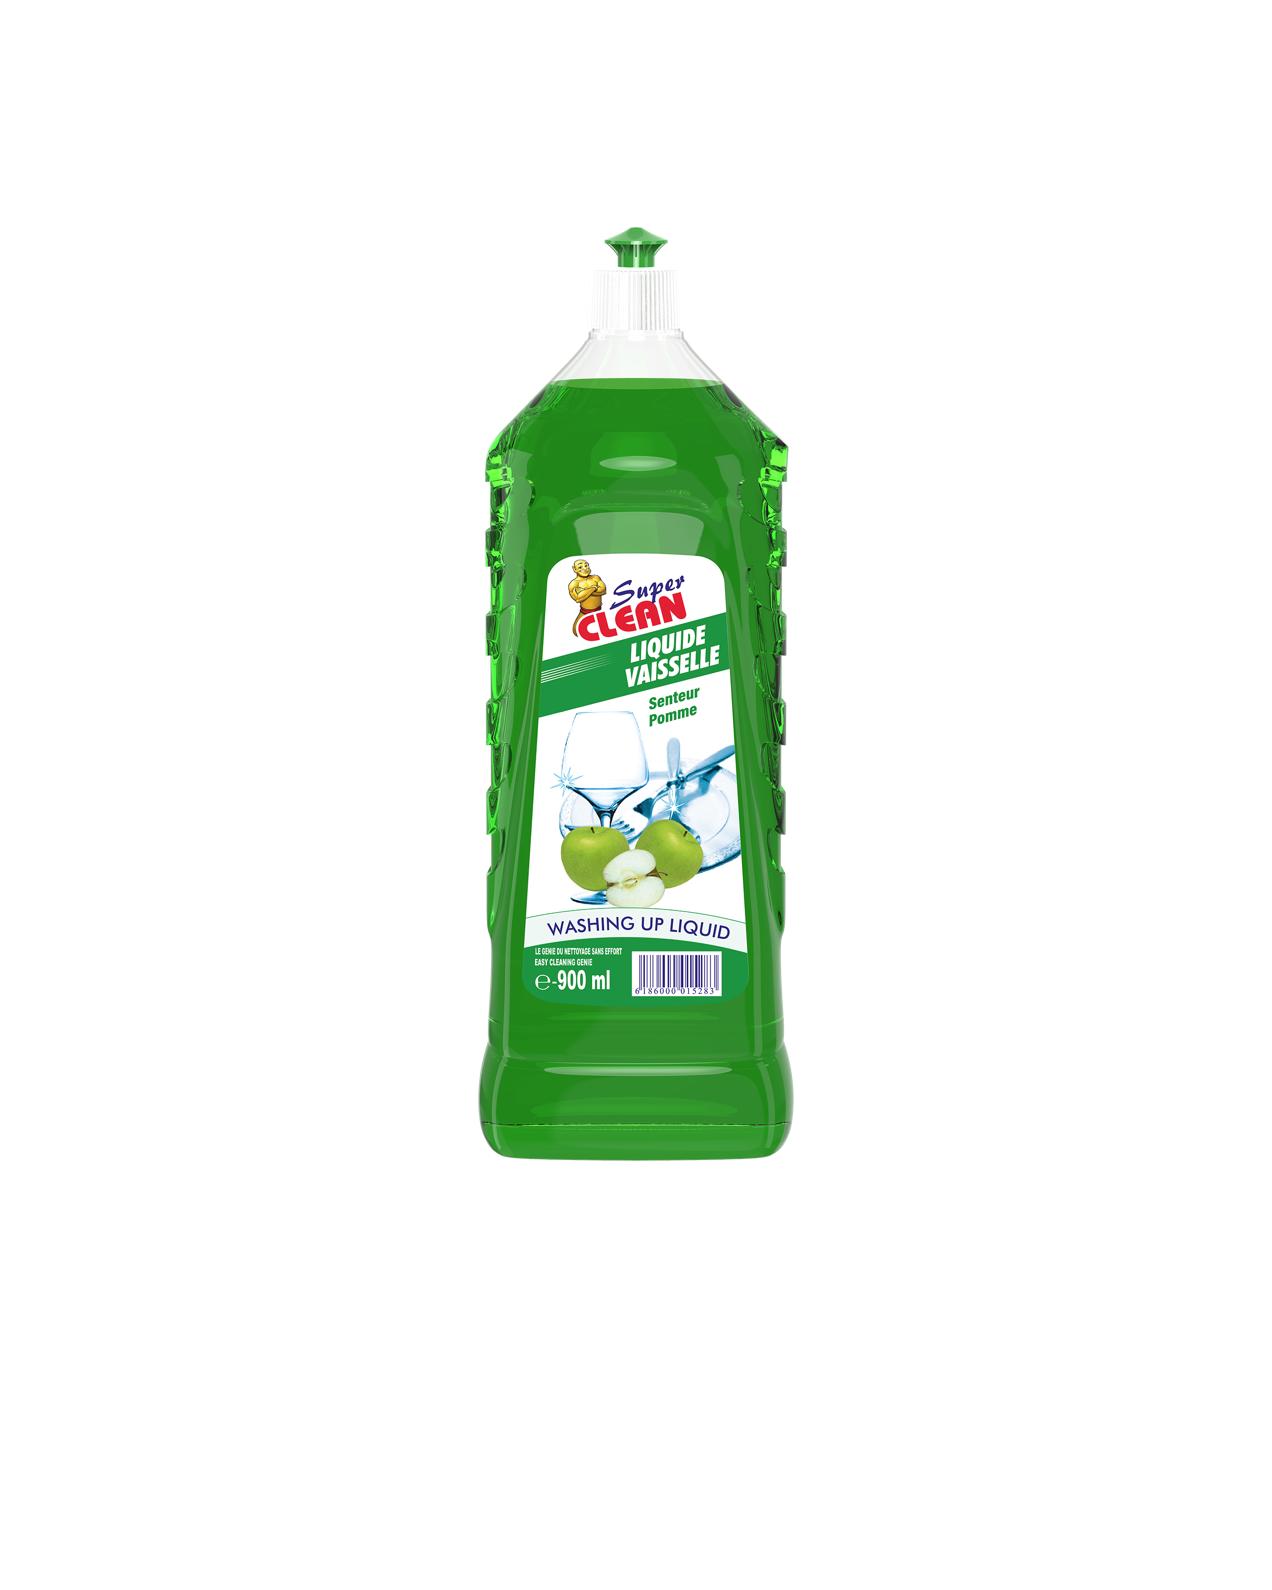 SUPER CLEAN_Liquide Vaisselle Pomme 900ml_siprochim